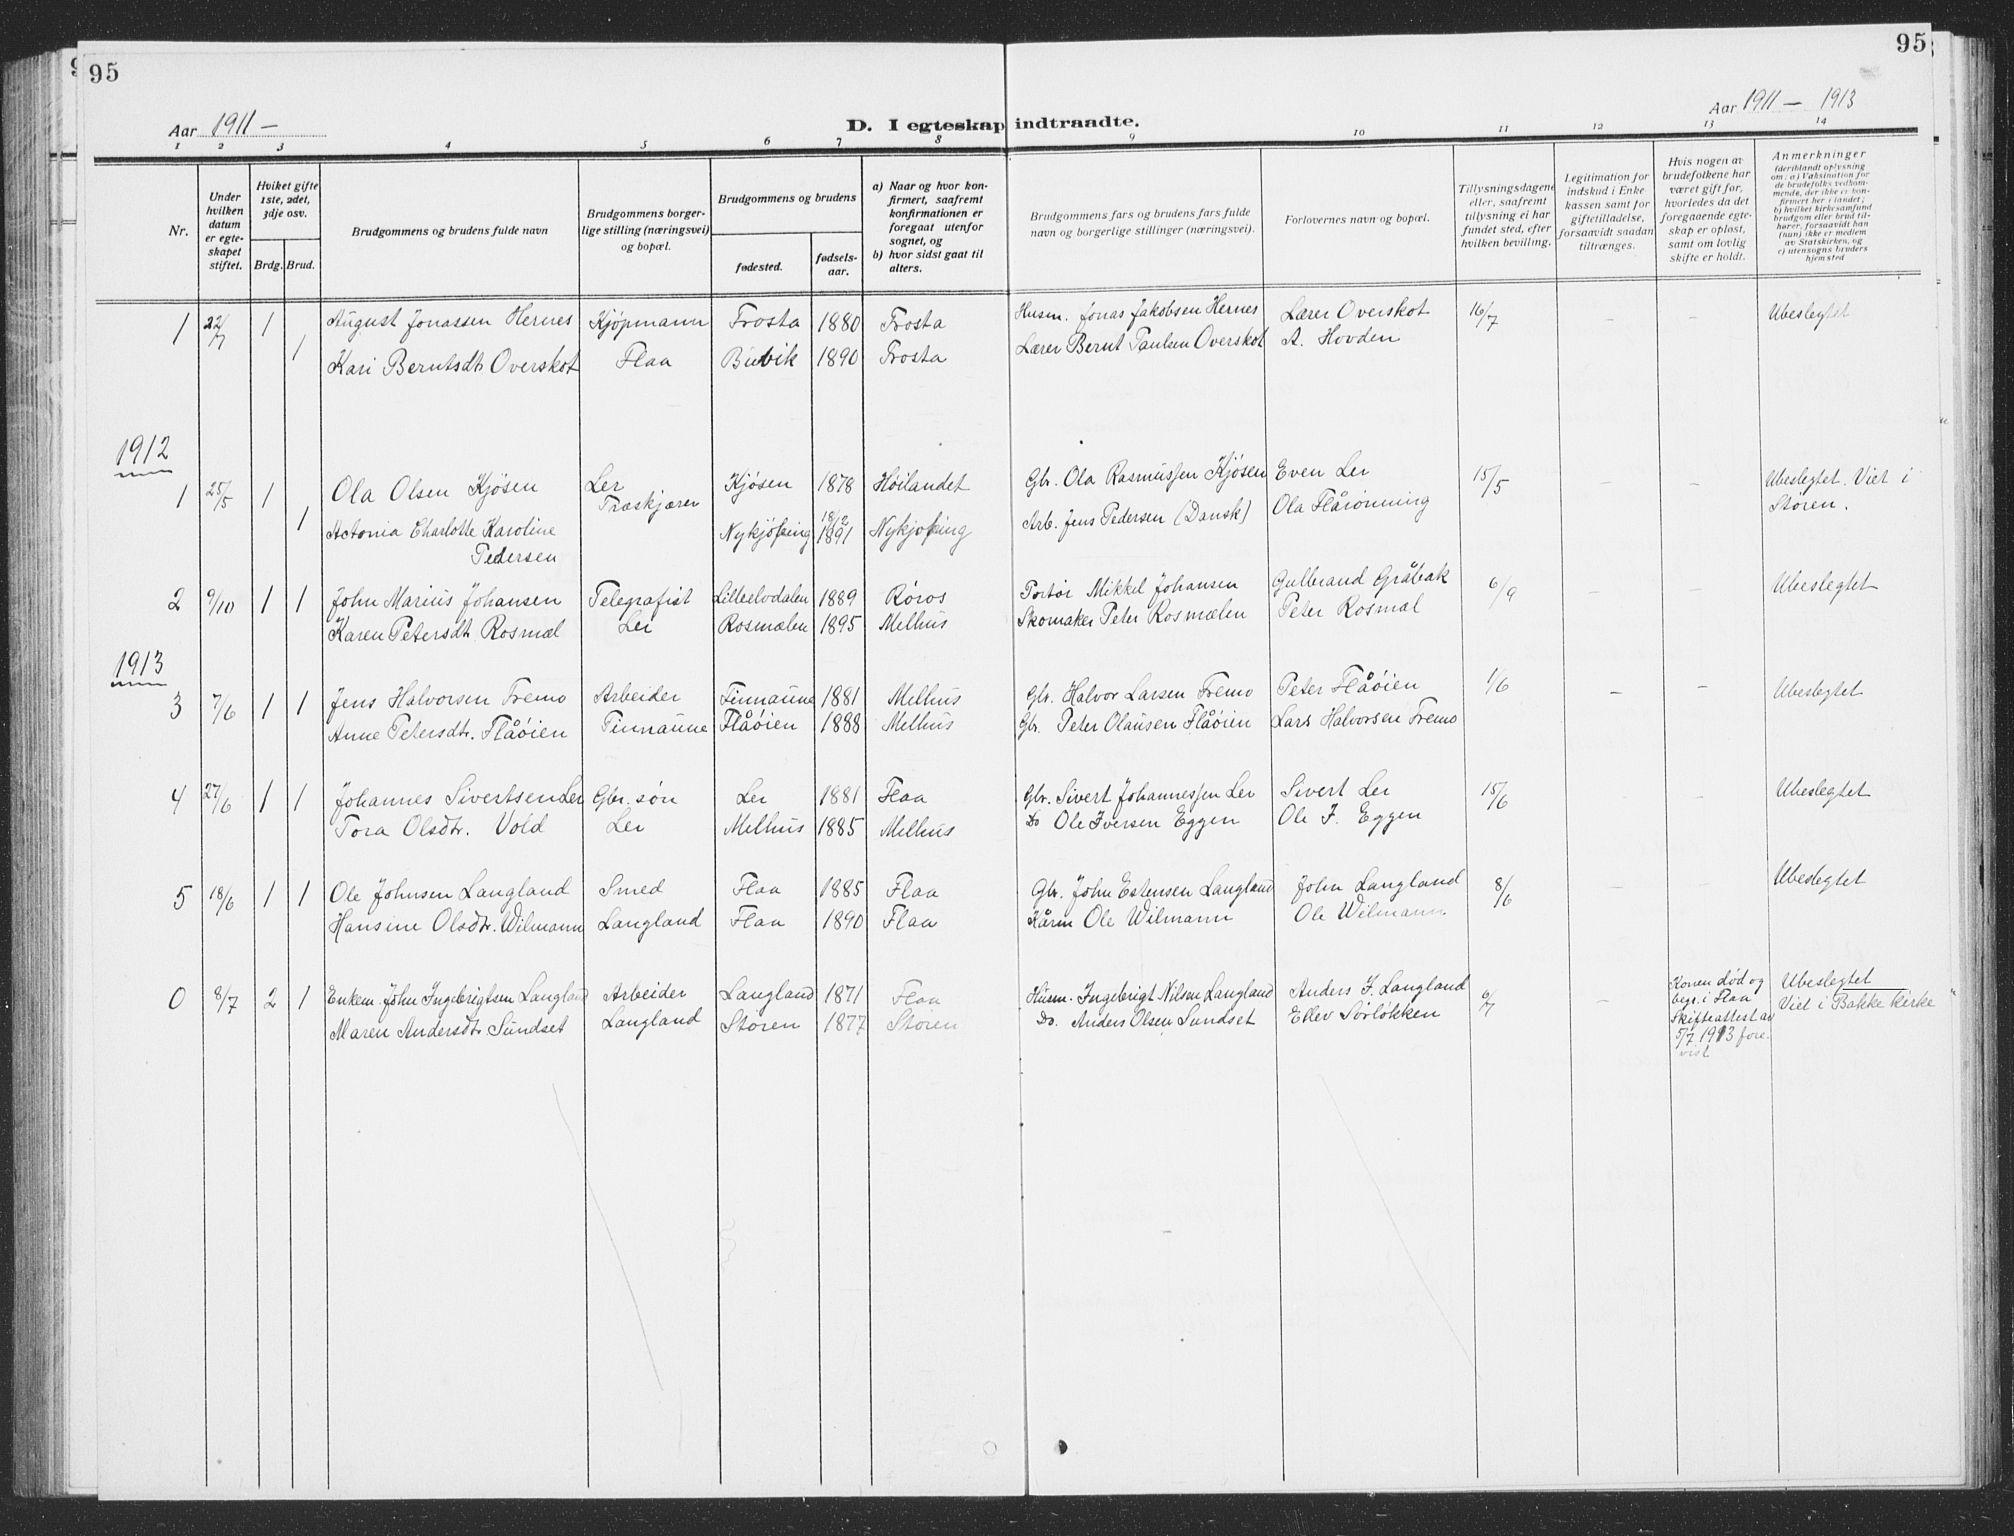 SAT, Ministerialprotokoller, klokkerbøker og fødselsregistre - Sør-Trøndelag, 693/L1124: Klokkerbok nr. 693C05, 1911-1941, s. 95